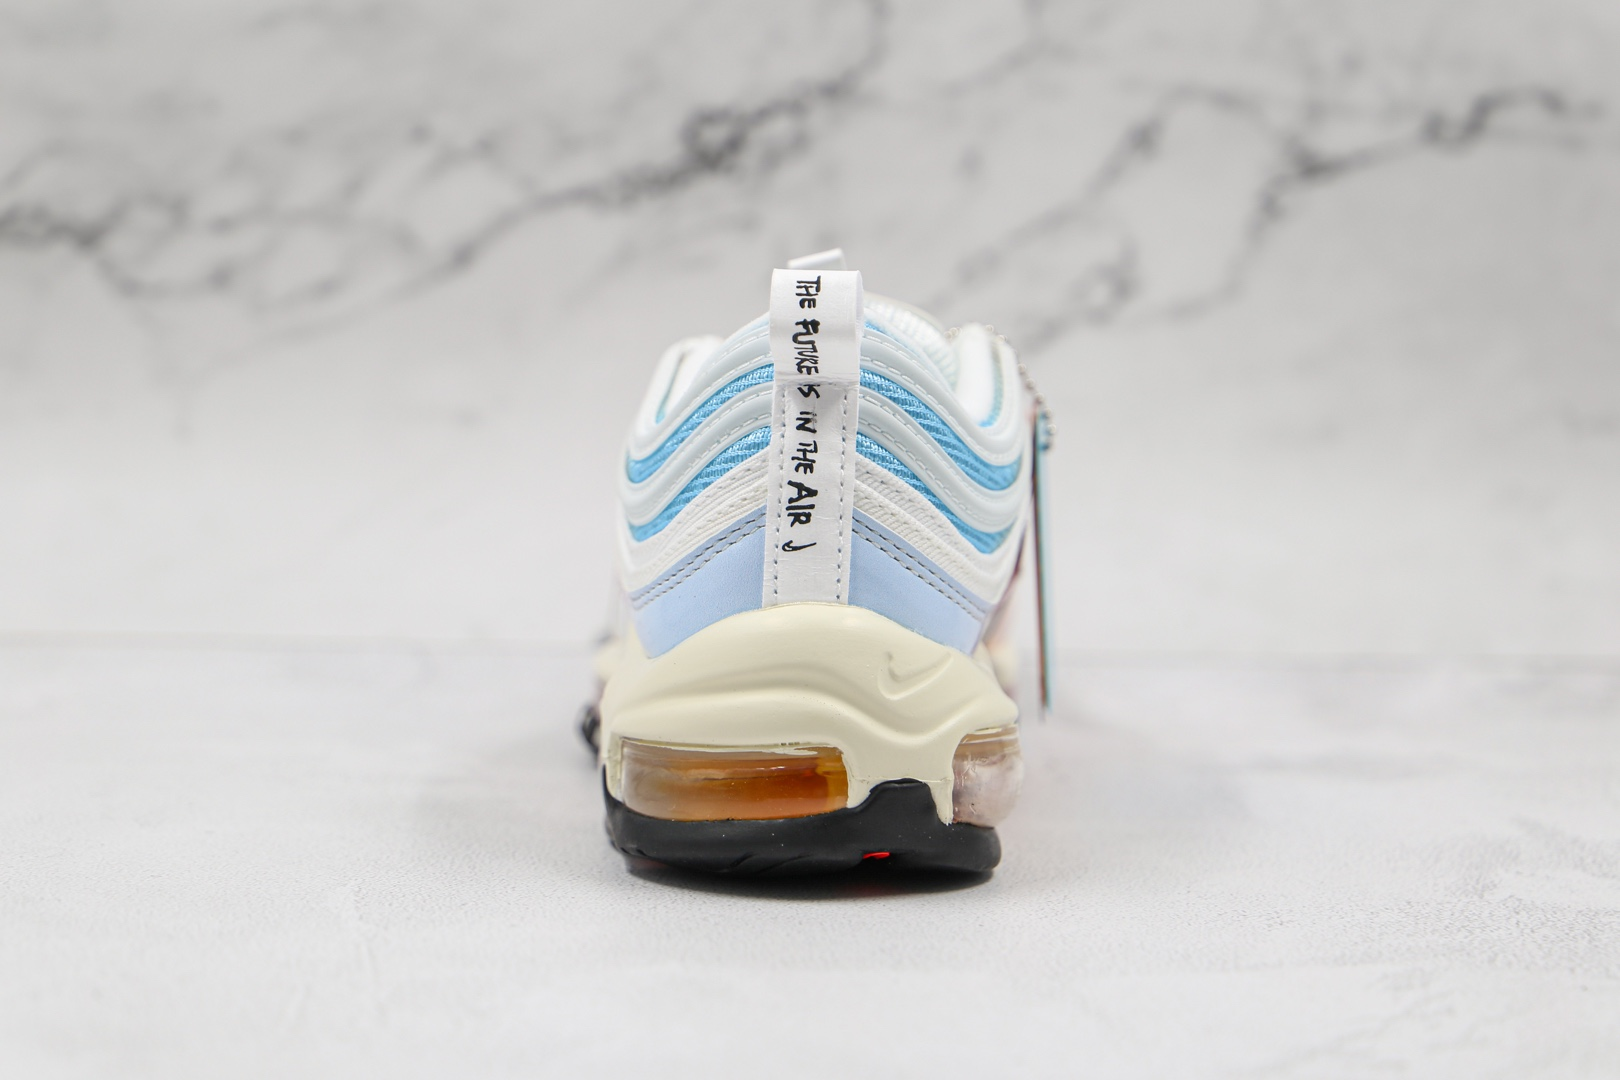 耐克Nike Air Max 97纯原版本子弹头复古气垫鞋Max97粉色渐变内置真小潘气垫 货号:DD8500-161